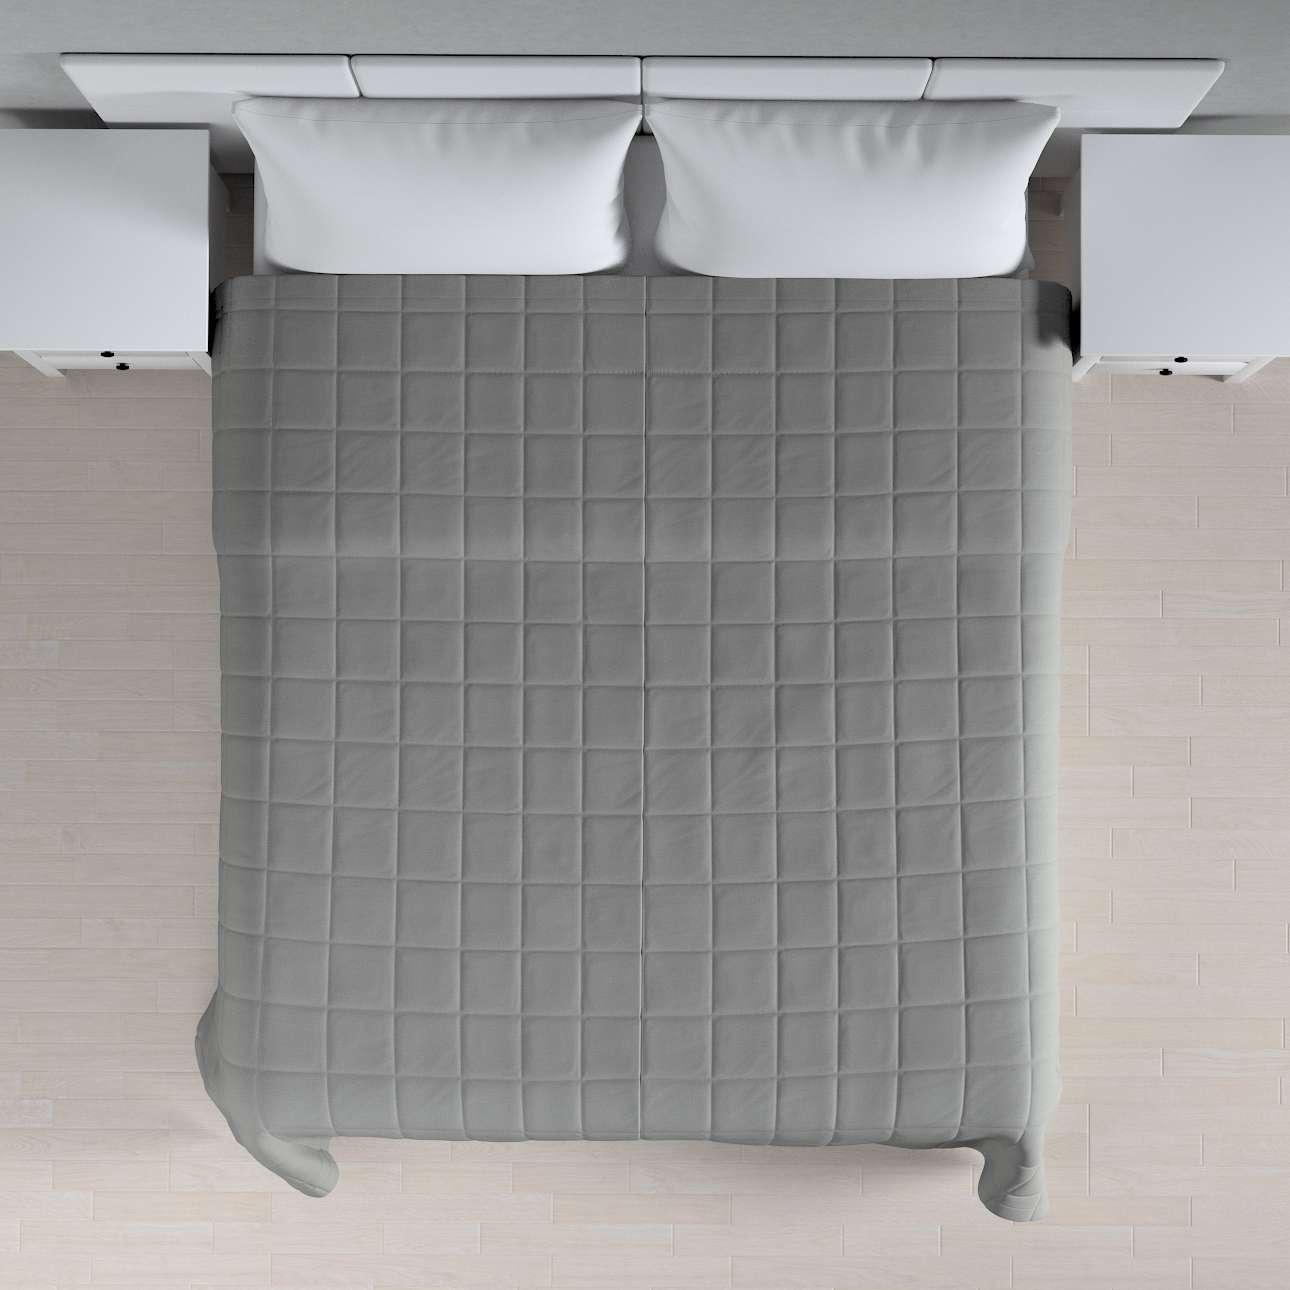 Prehoz prešívaný do štvorcov V kolekcii Loneta, tkanina: 133-24